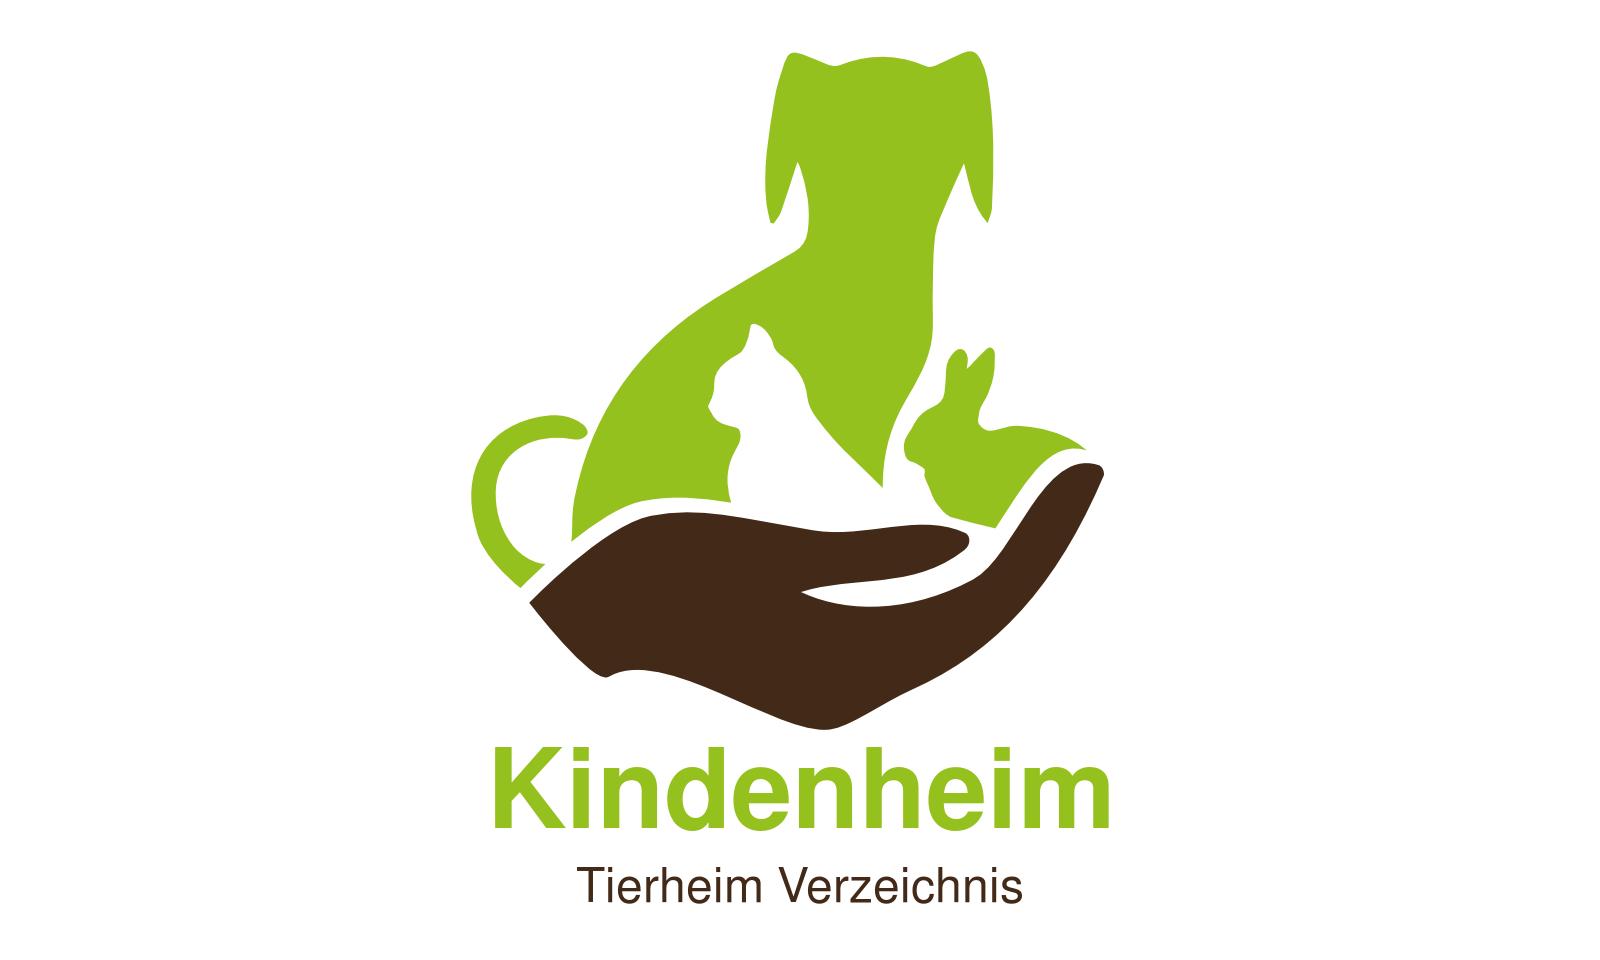 Tierheim Kindenheim